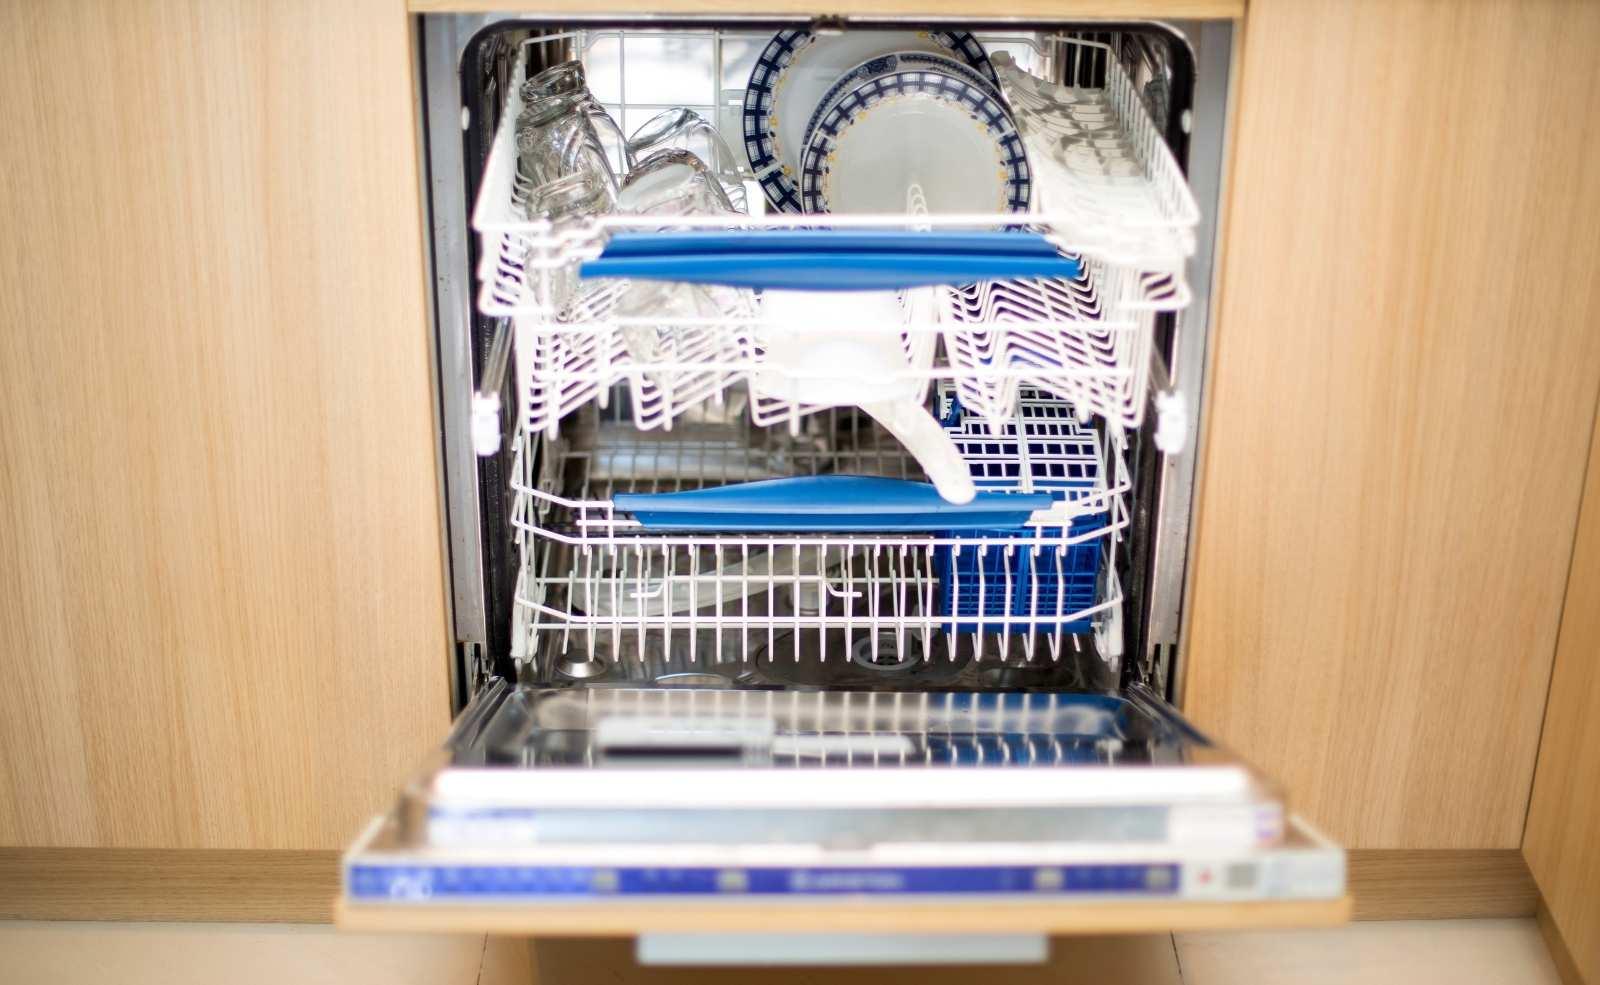 welche spülmaschine ist am besten